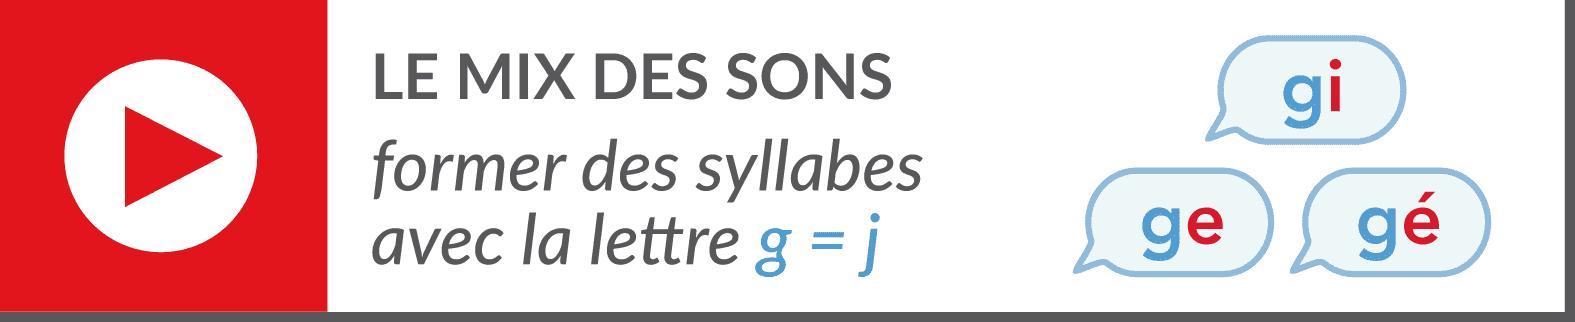 lecture de syllabes - vidéo syllabes - g doux gi ge gé